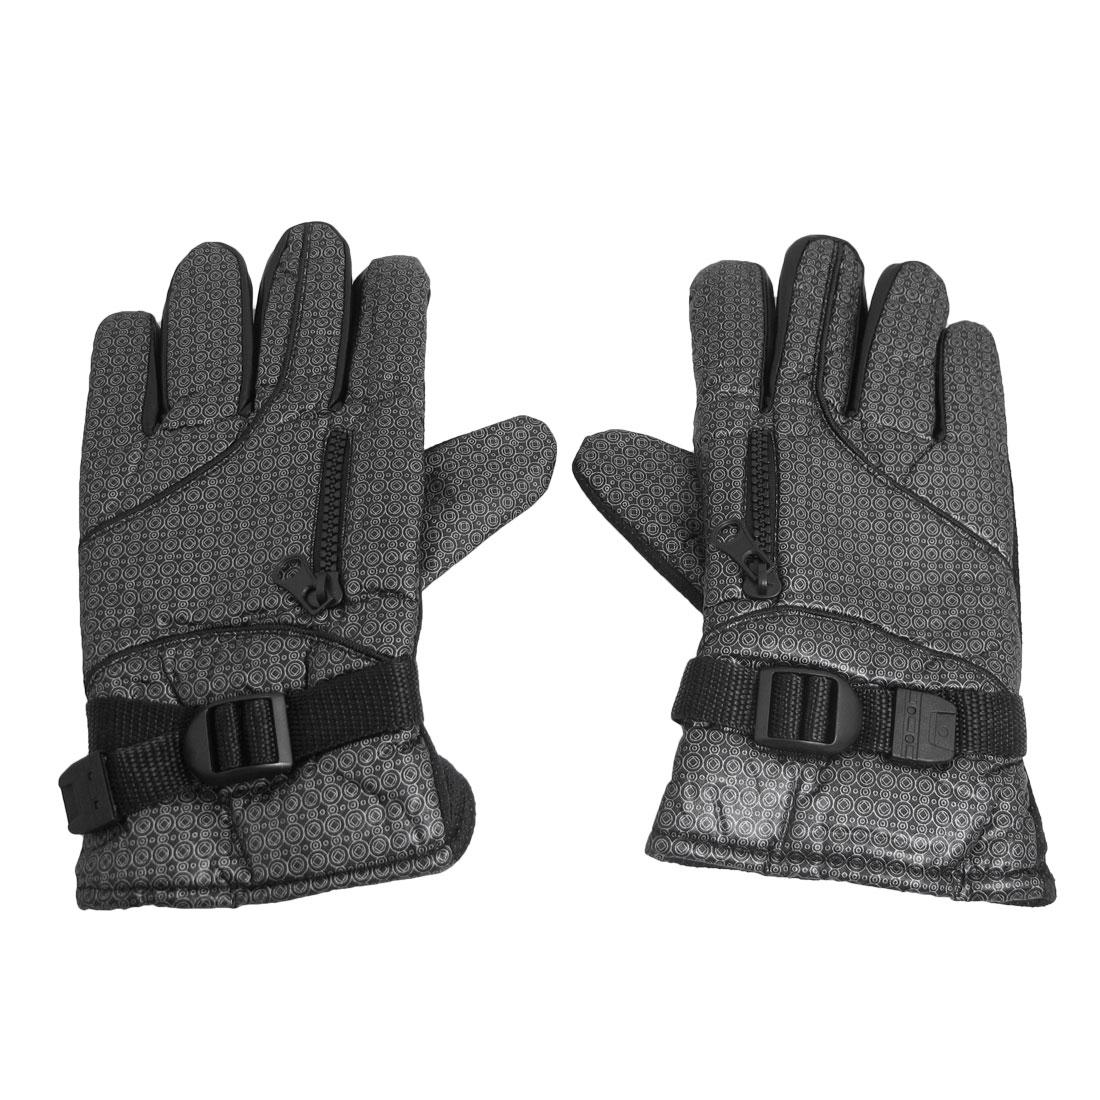 Black Full Finger Antislip Palm Warmer Gloves Decor for Men